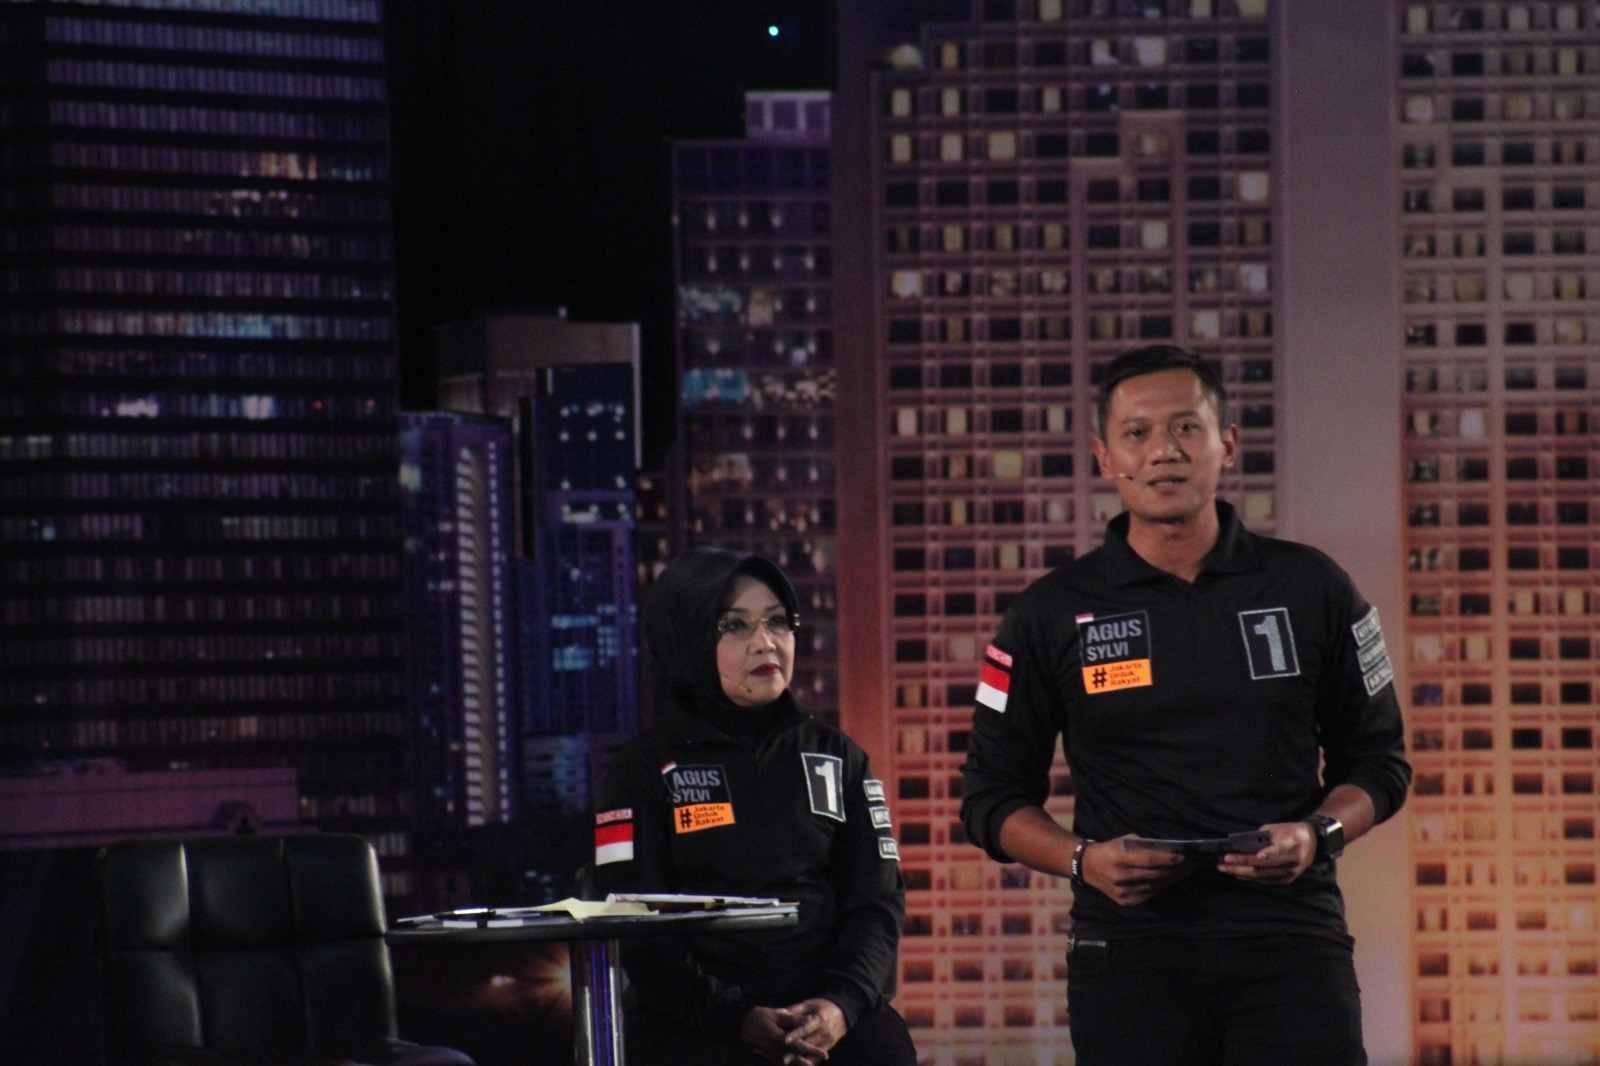 Pasangan Agus Harimurti-Sylviana Murni saat debat gubernur dan wakil gubernur DKI di Hotel Bidakara, Jakarta, Jumat (13/1). Foto oleh Diego Batara/Rappler.